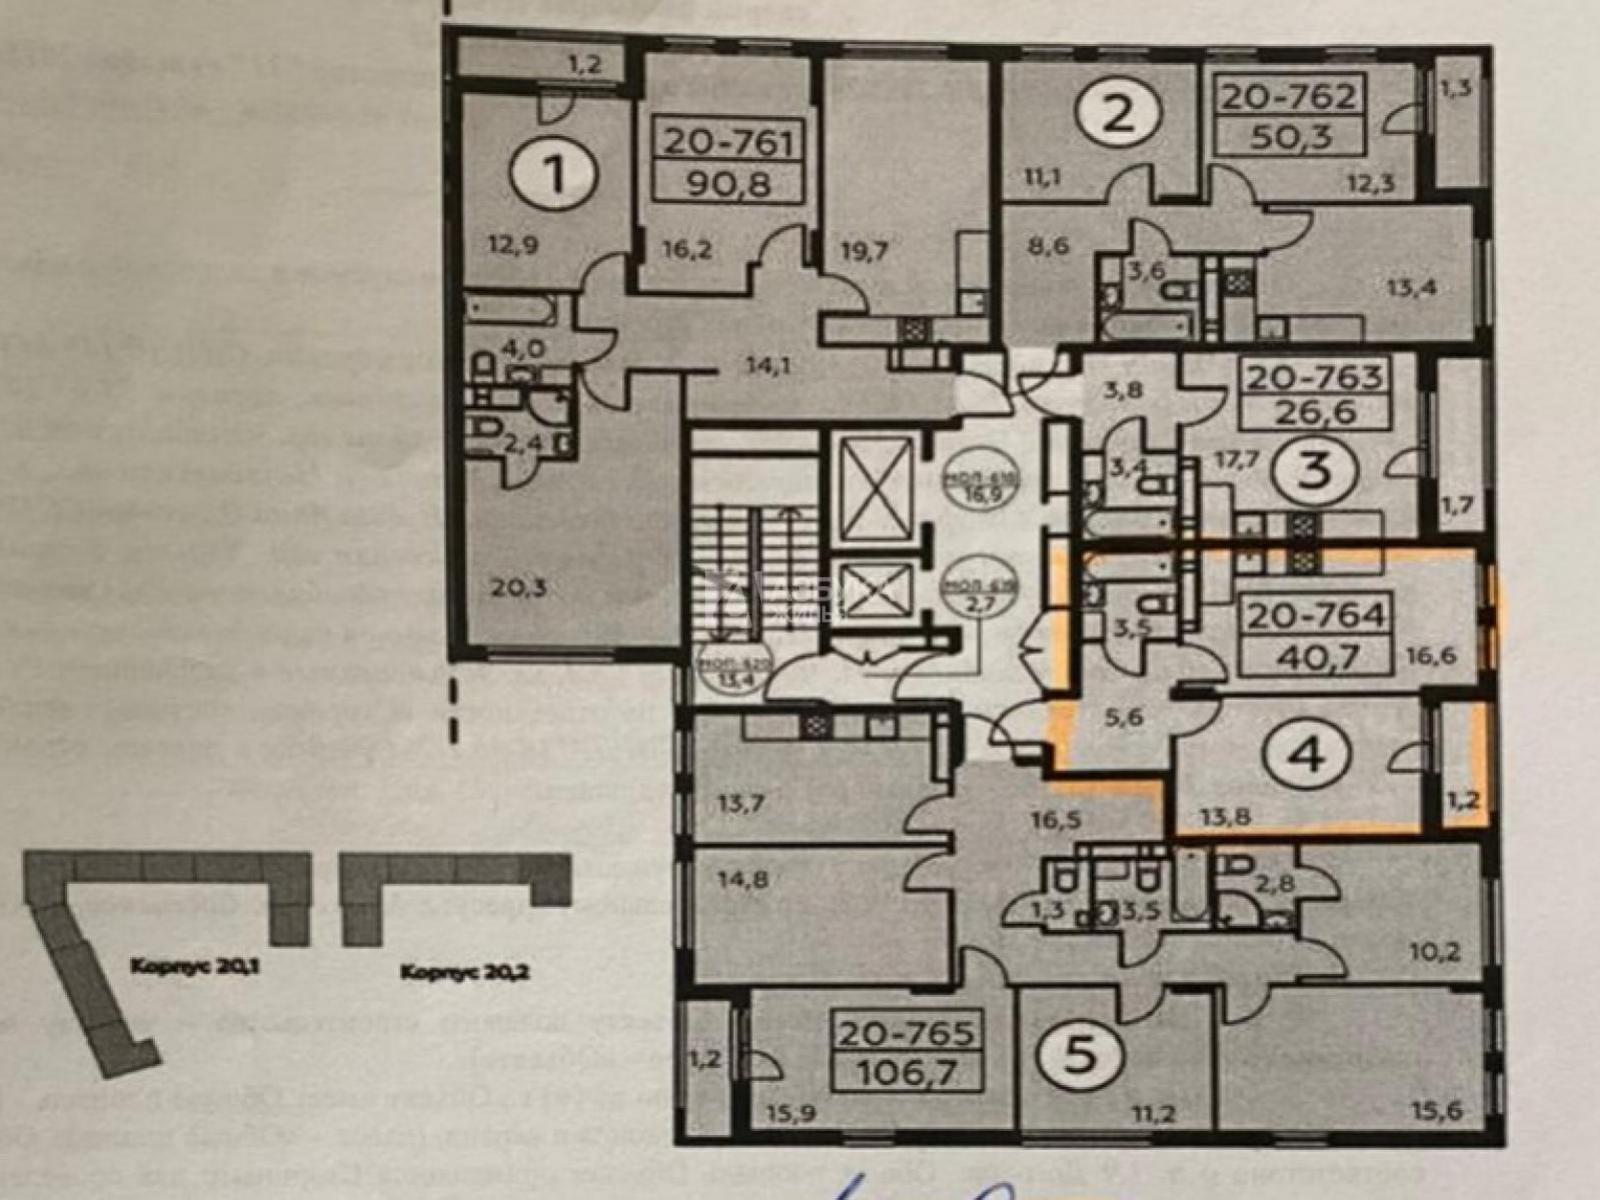 Фото №2 - 1-комнатная квартира, Москва, поселок Коммунарка, Александры Монаховой улица 43 корпус 1, метро Коммунарка